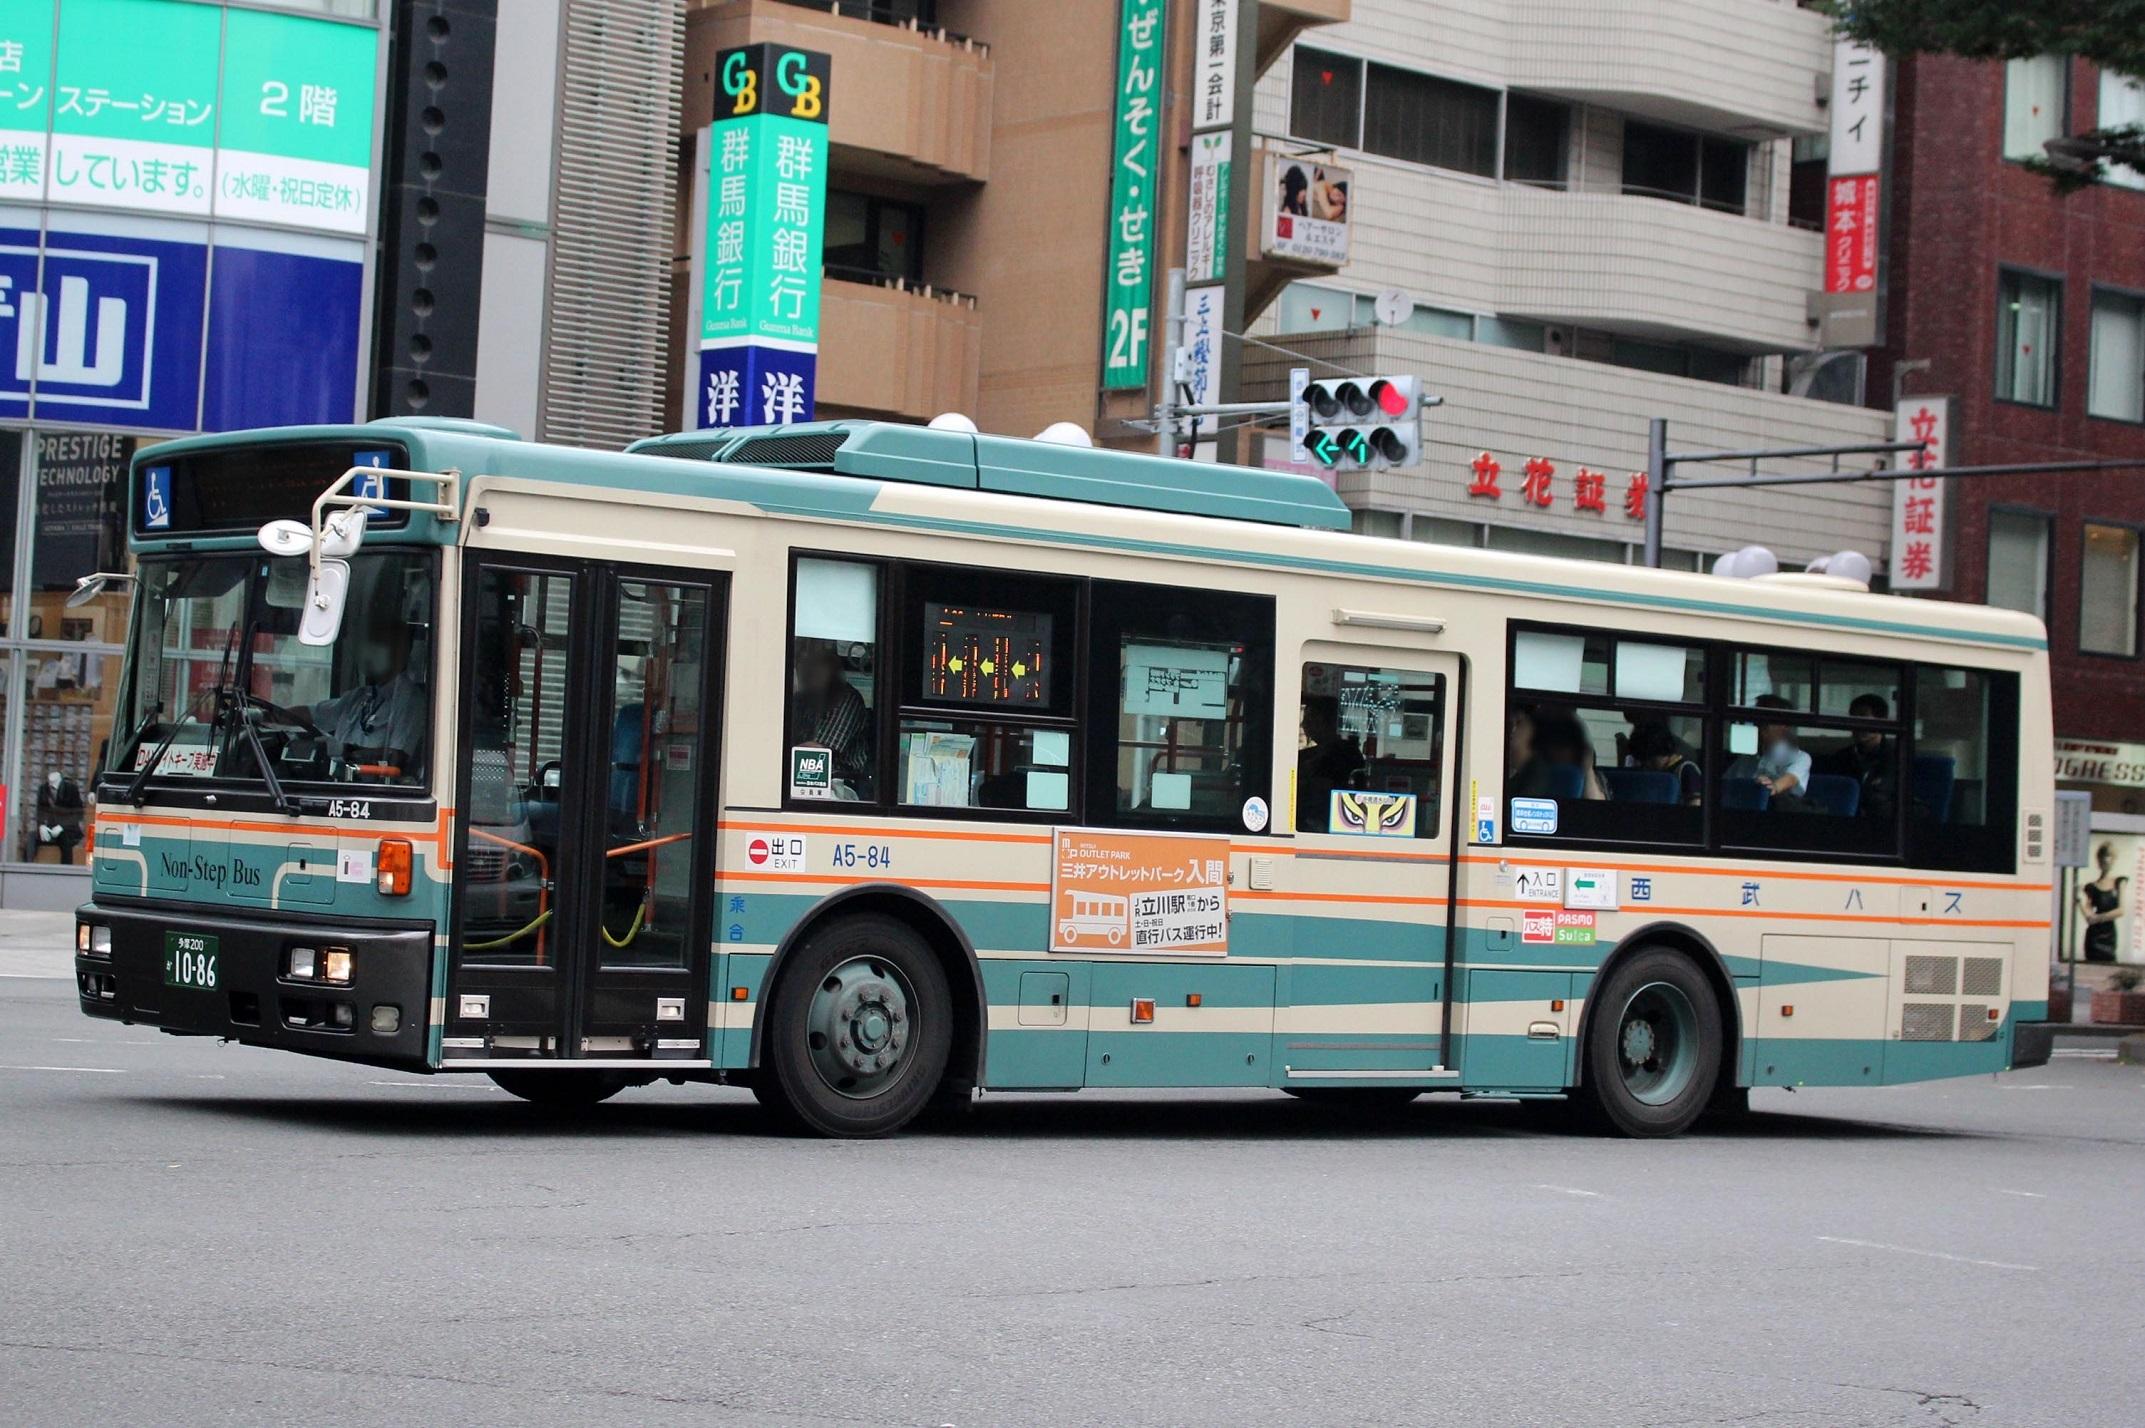 西武バス A5-84